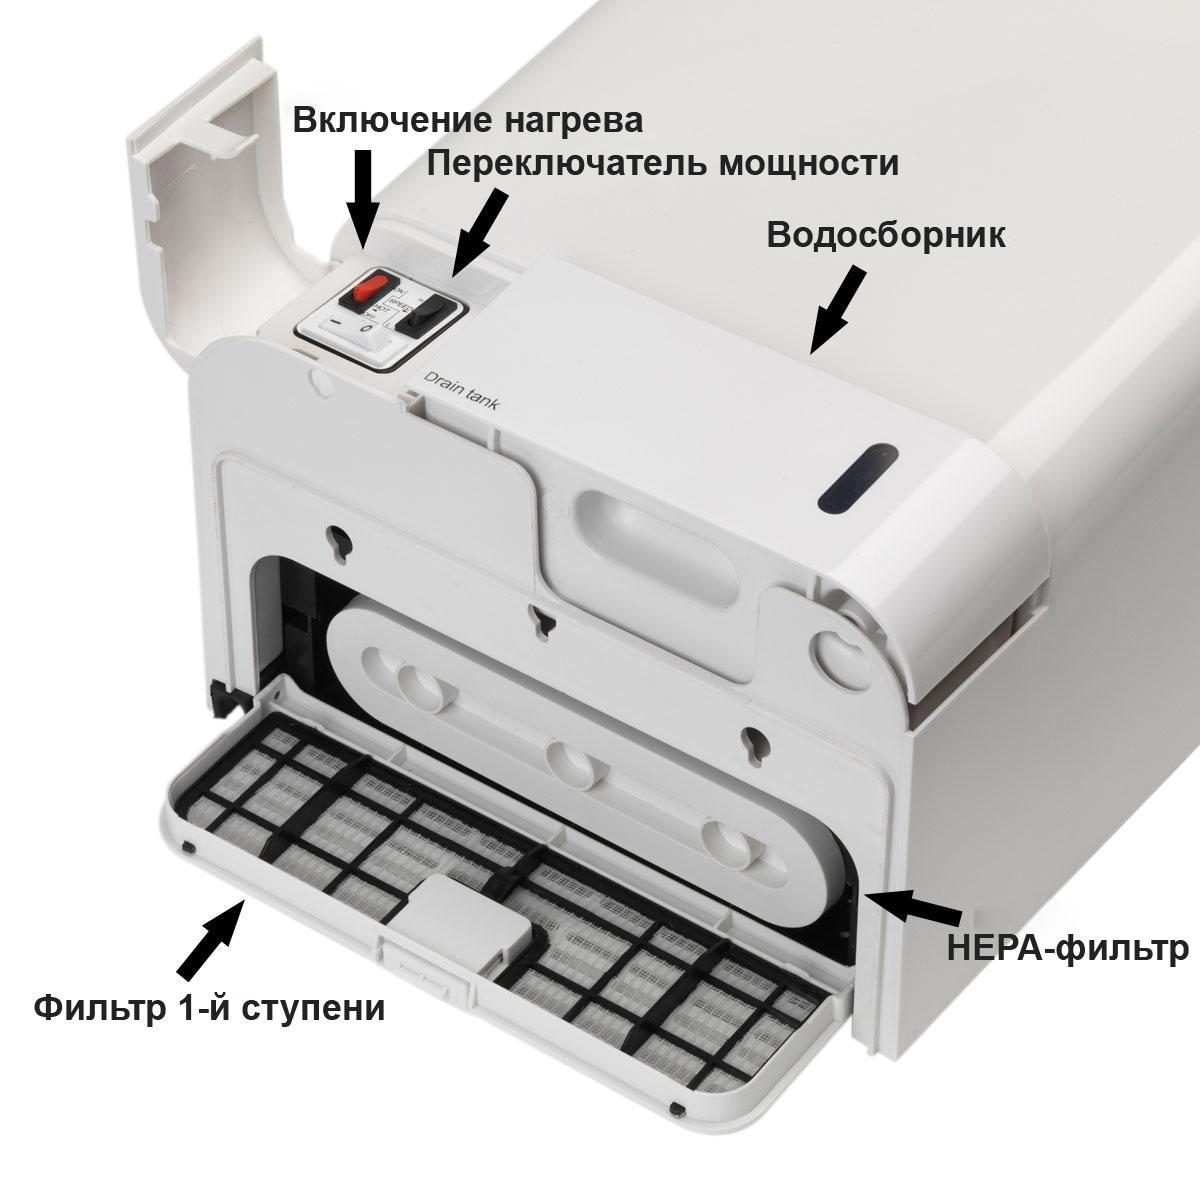 Уникальная система фильтрации и регулировки мощности